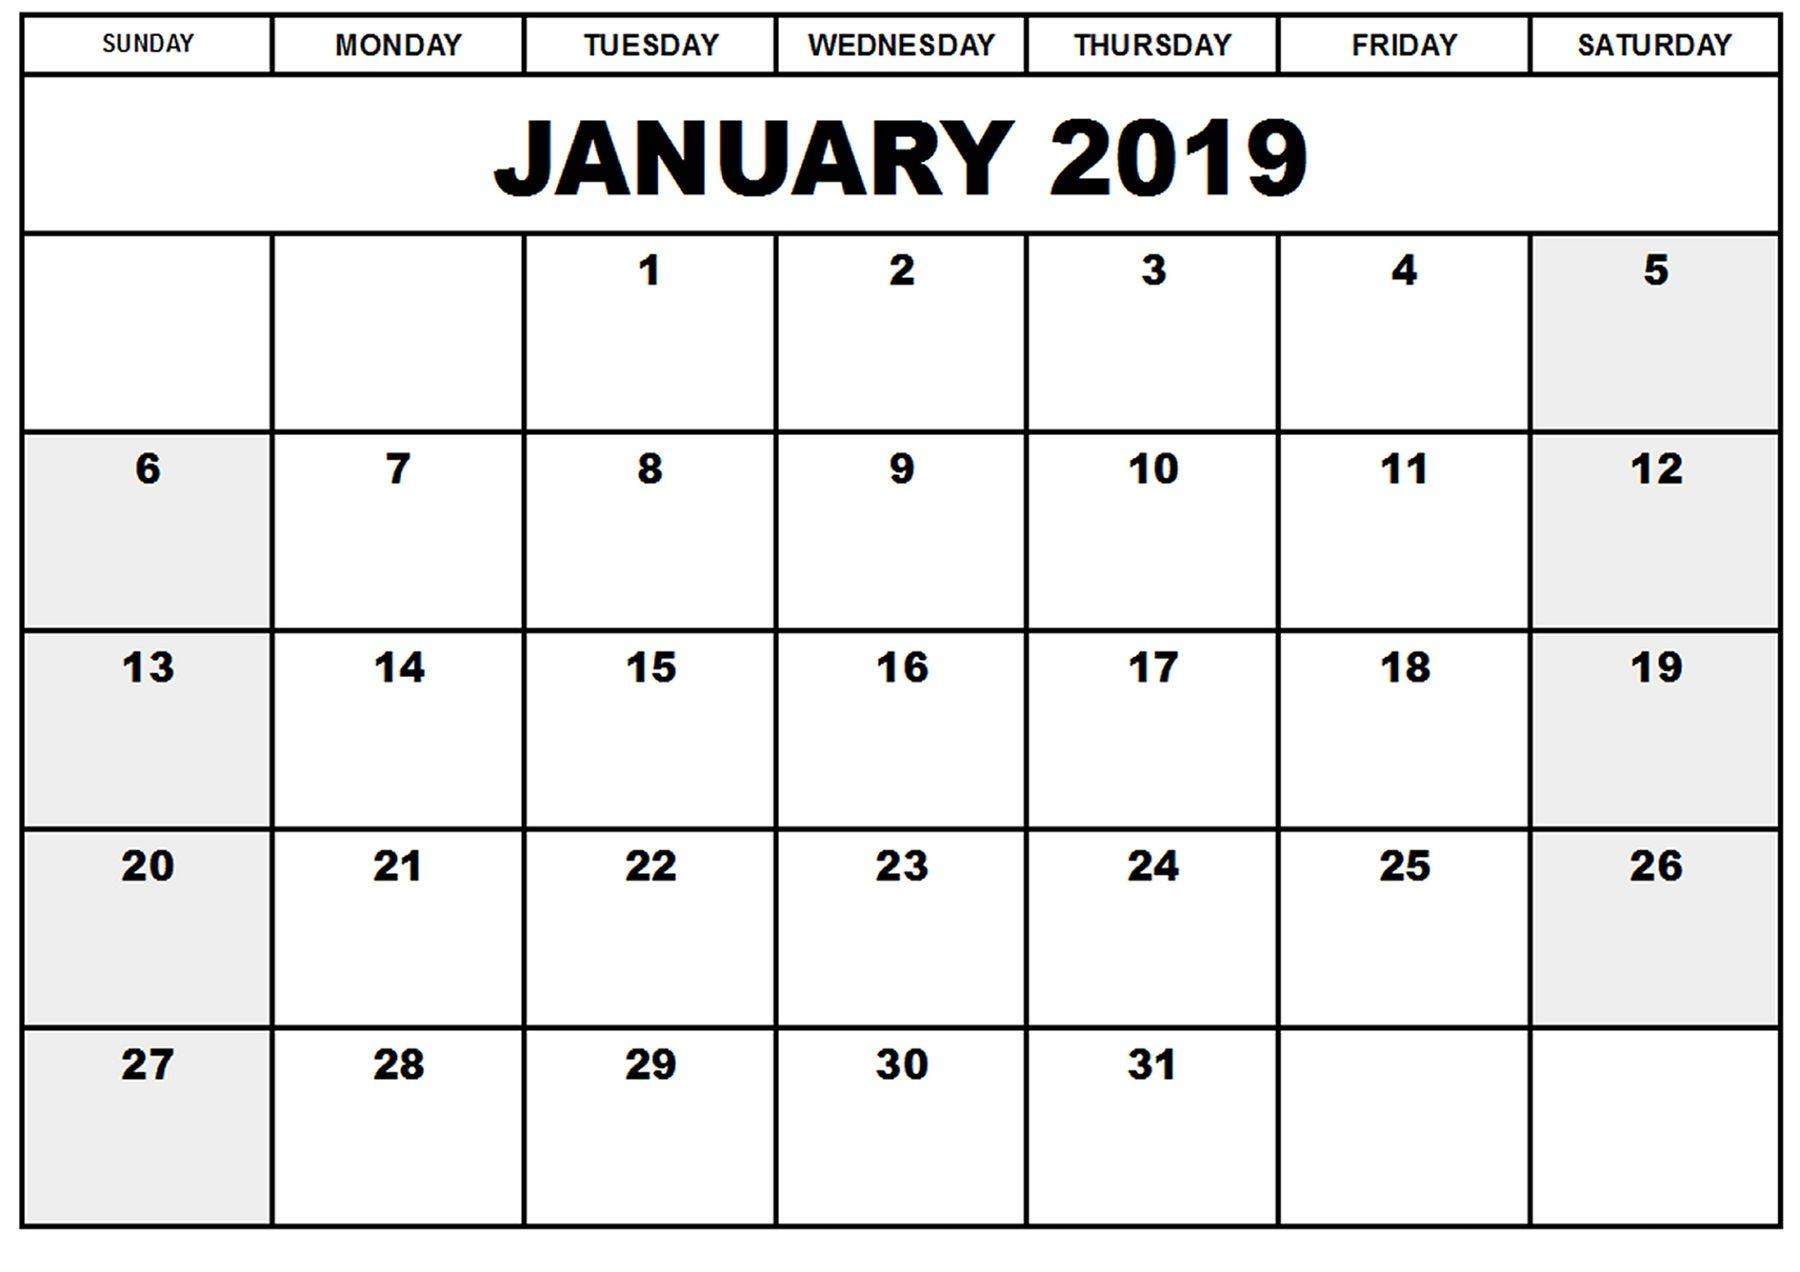 Printable Calendar Waterproof | Kostilka with Free Printable Calendars 2020 Waterproof